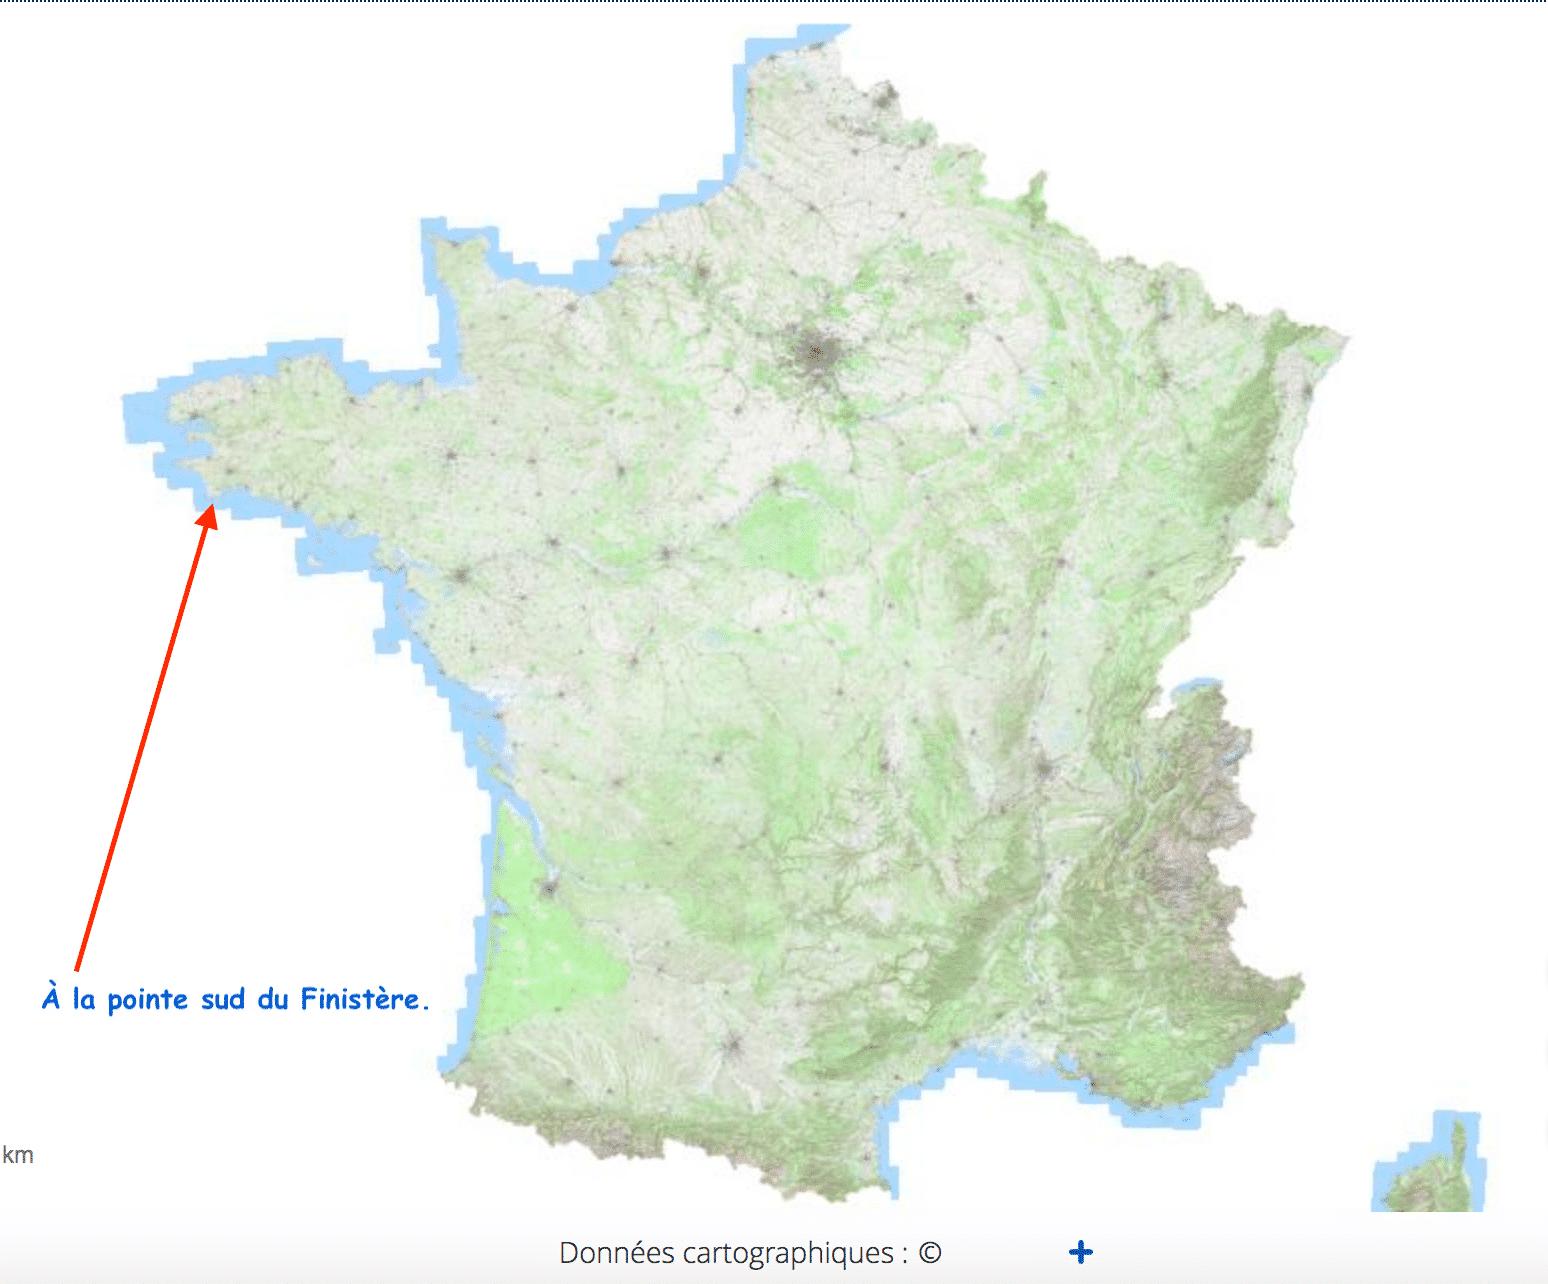 Treffiagat-Léchiagat à la pointe sud du Finistère en Pays bigouden